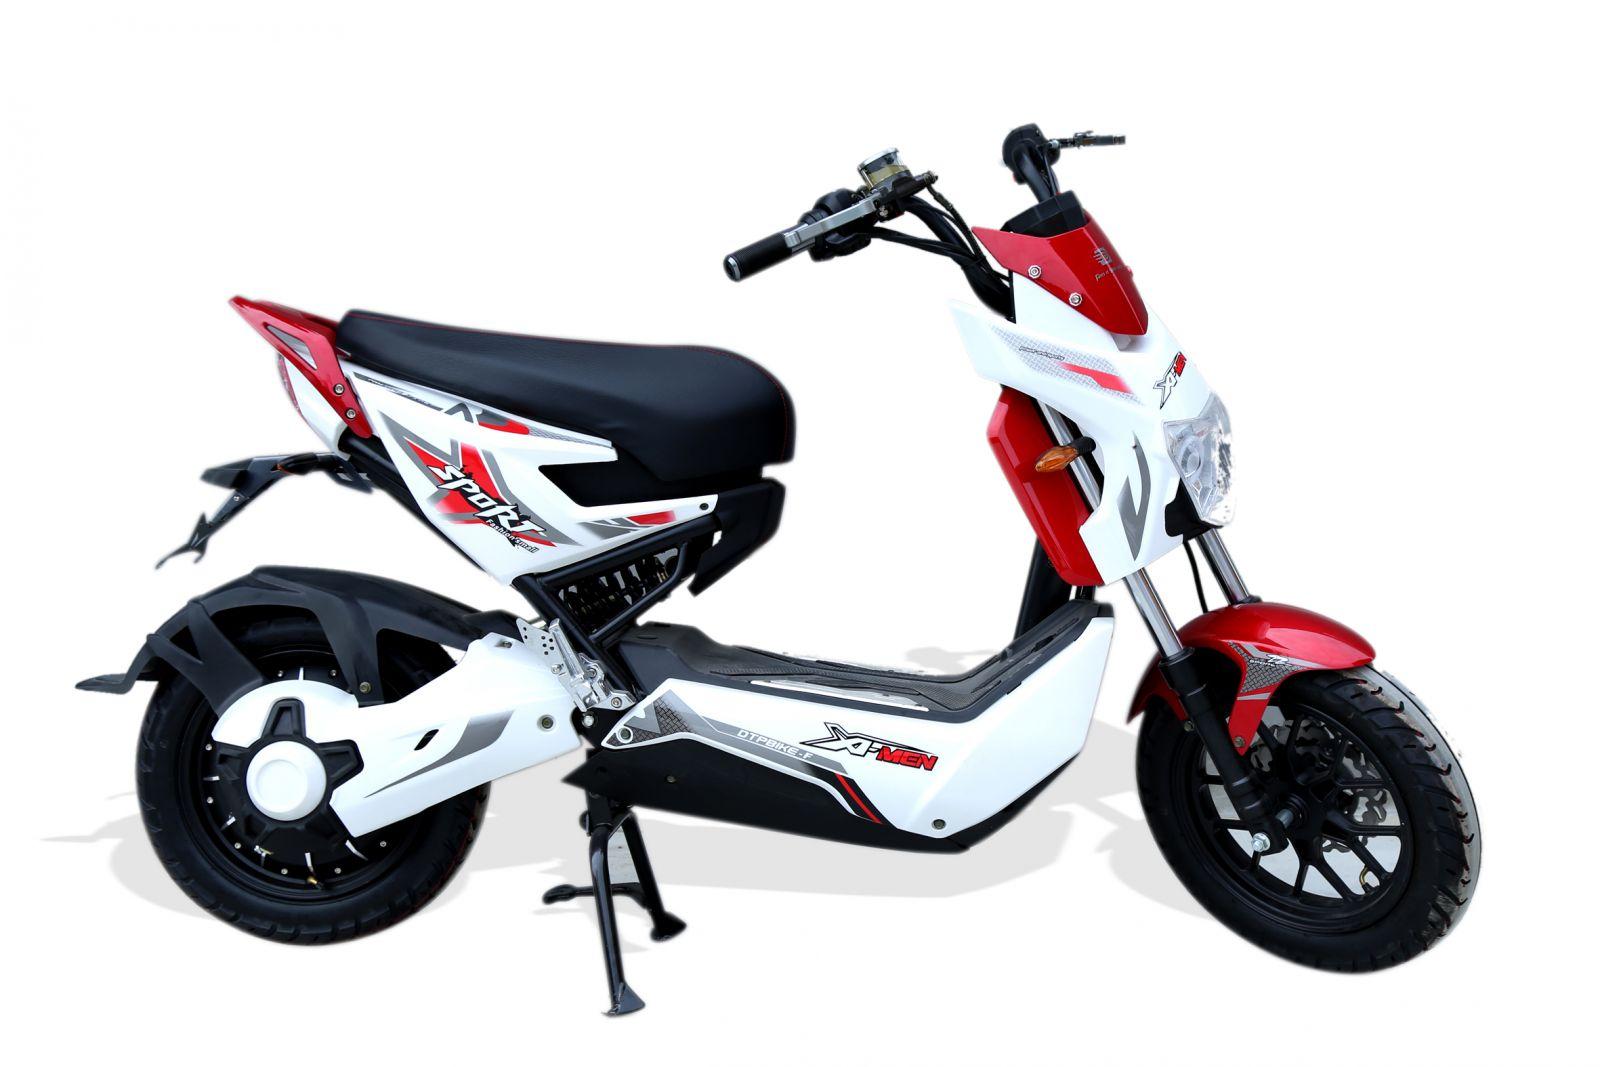 gocnhin247.com - Vài yếu tố khi mà chọn mua xe máy điện dành cho người dùng